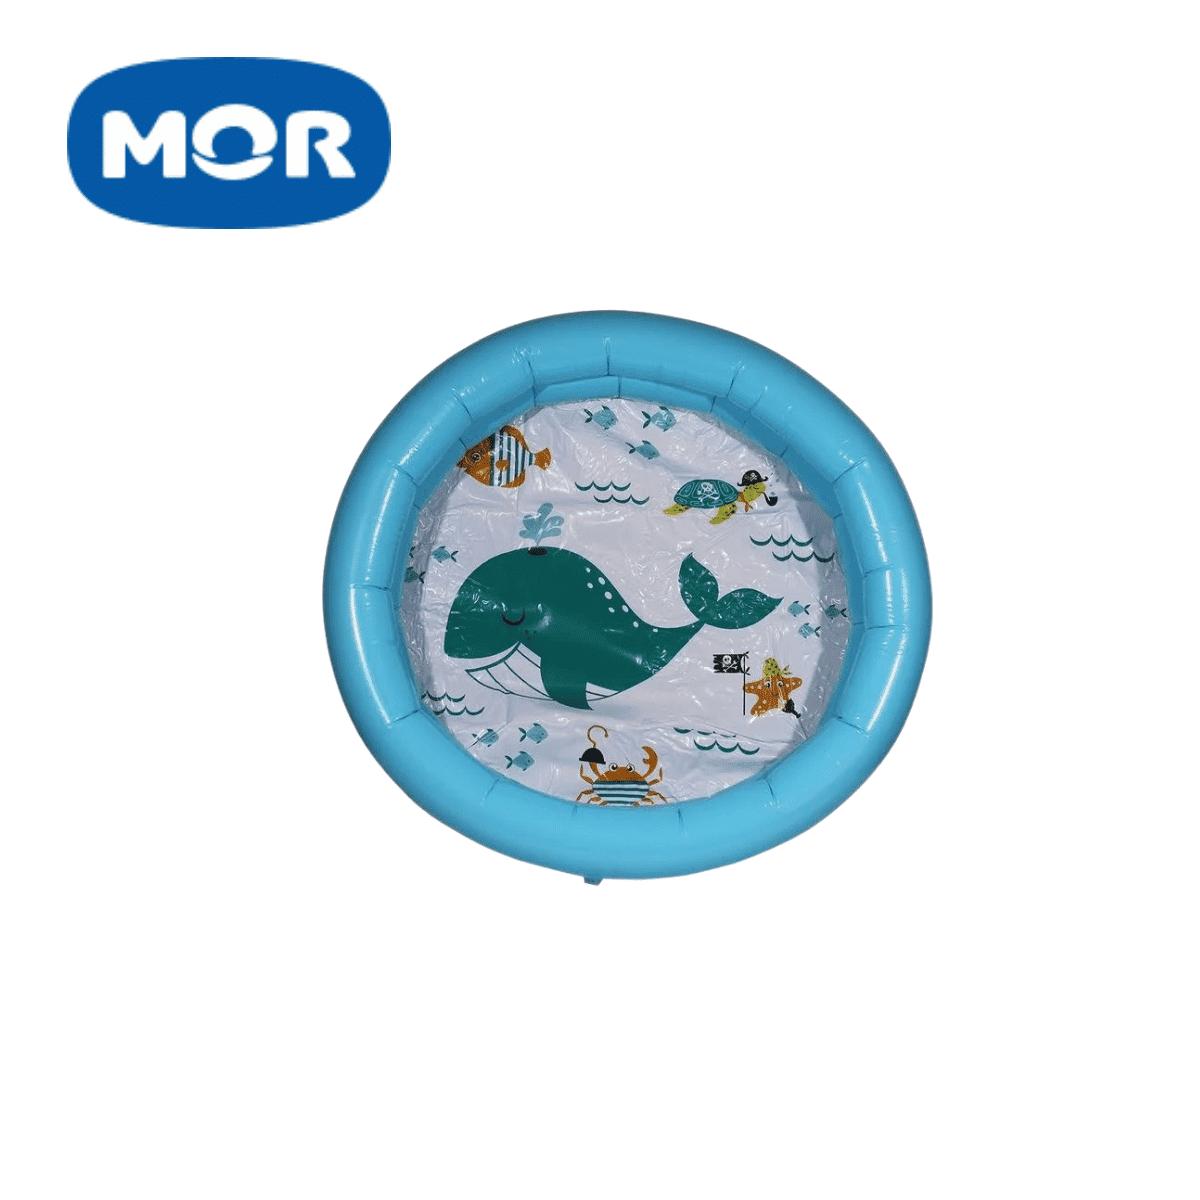 Banheira Piscina Inflável Infantil 28 Litros Azul Mor